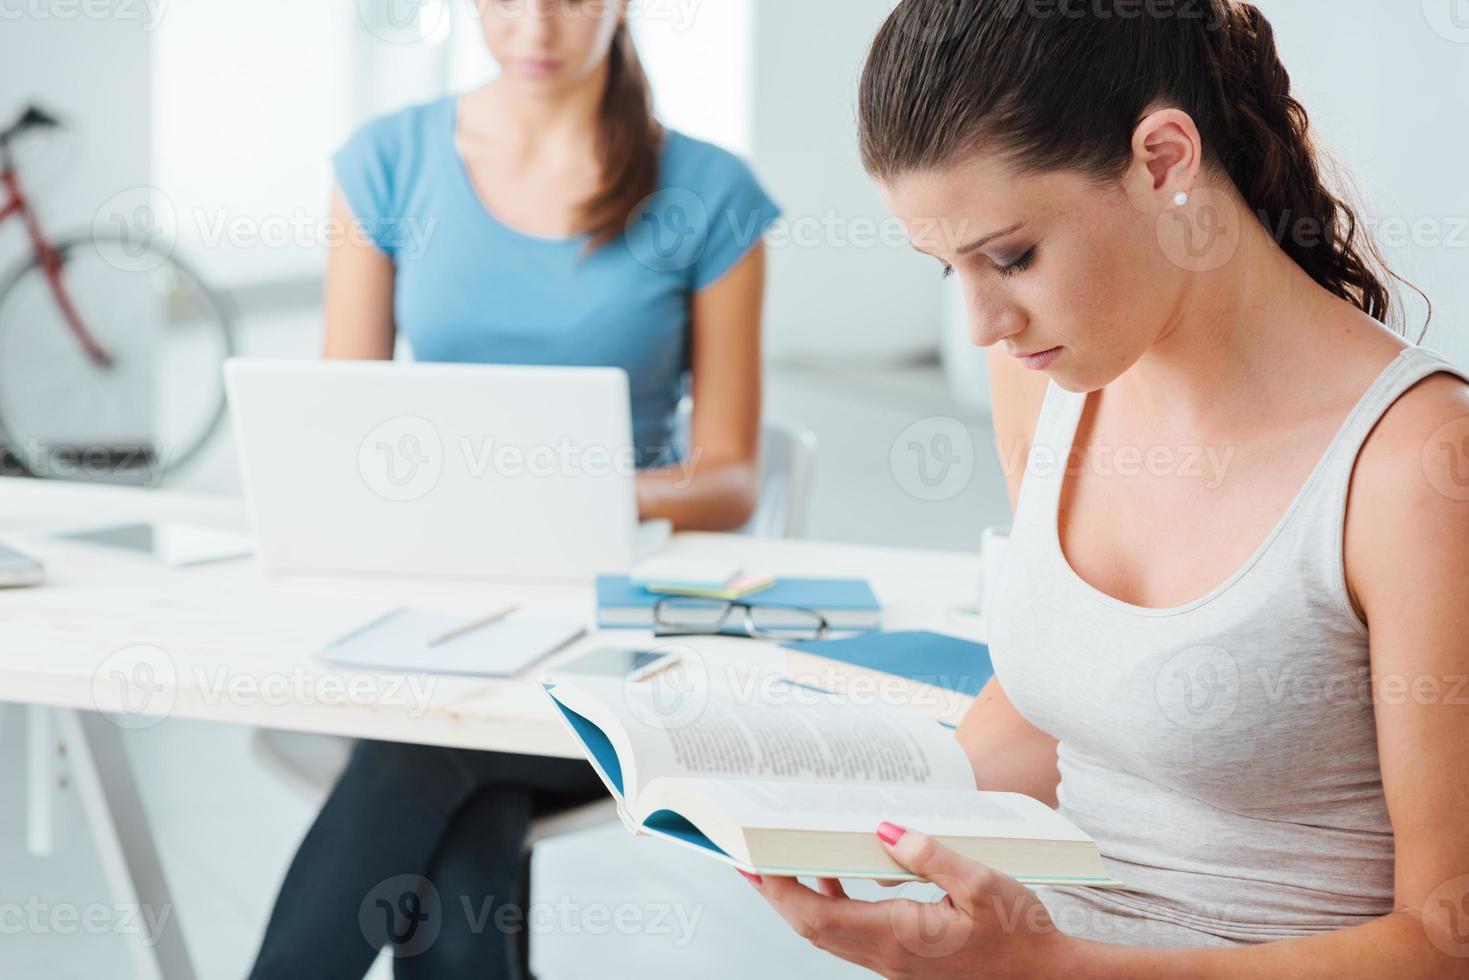 adolescentes étudient à la maison photo